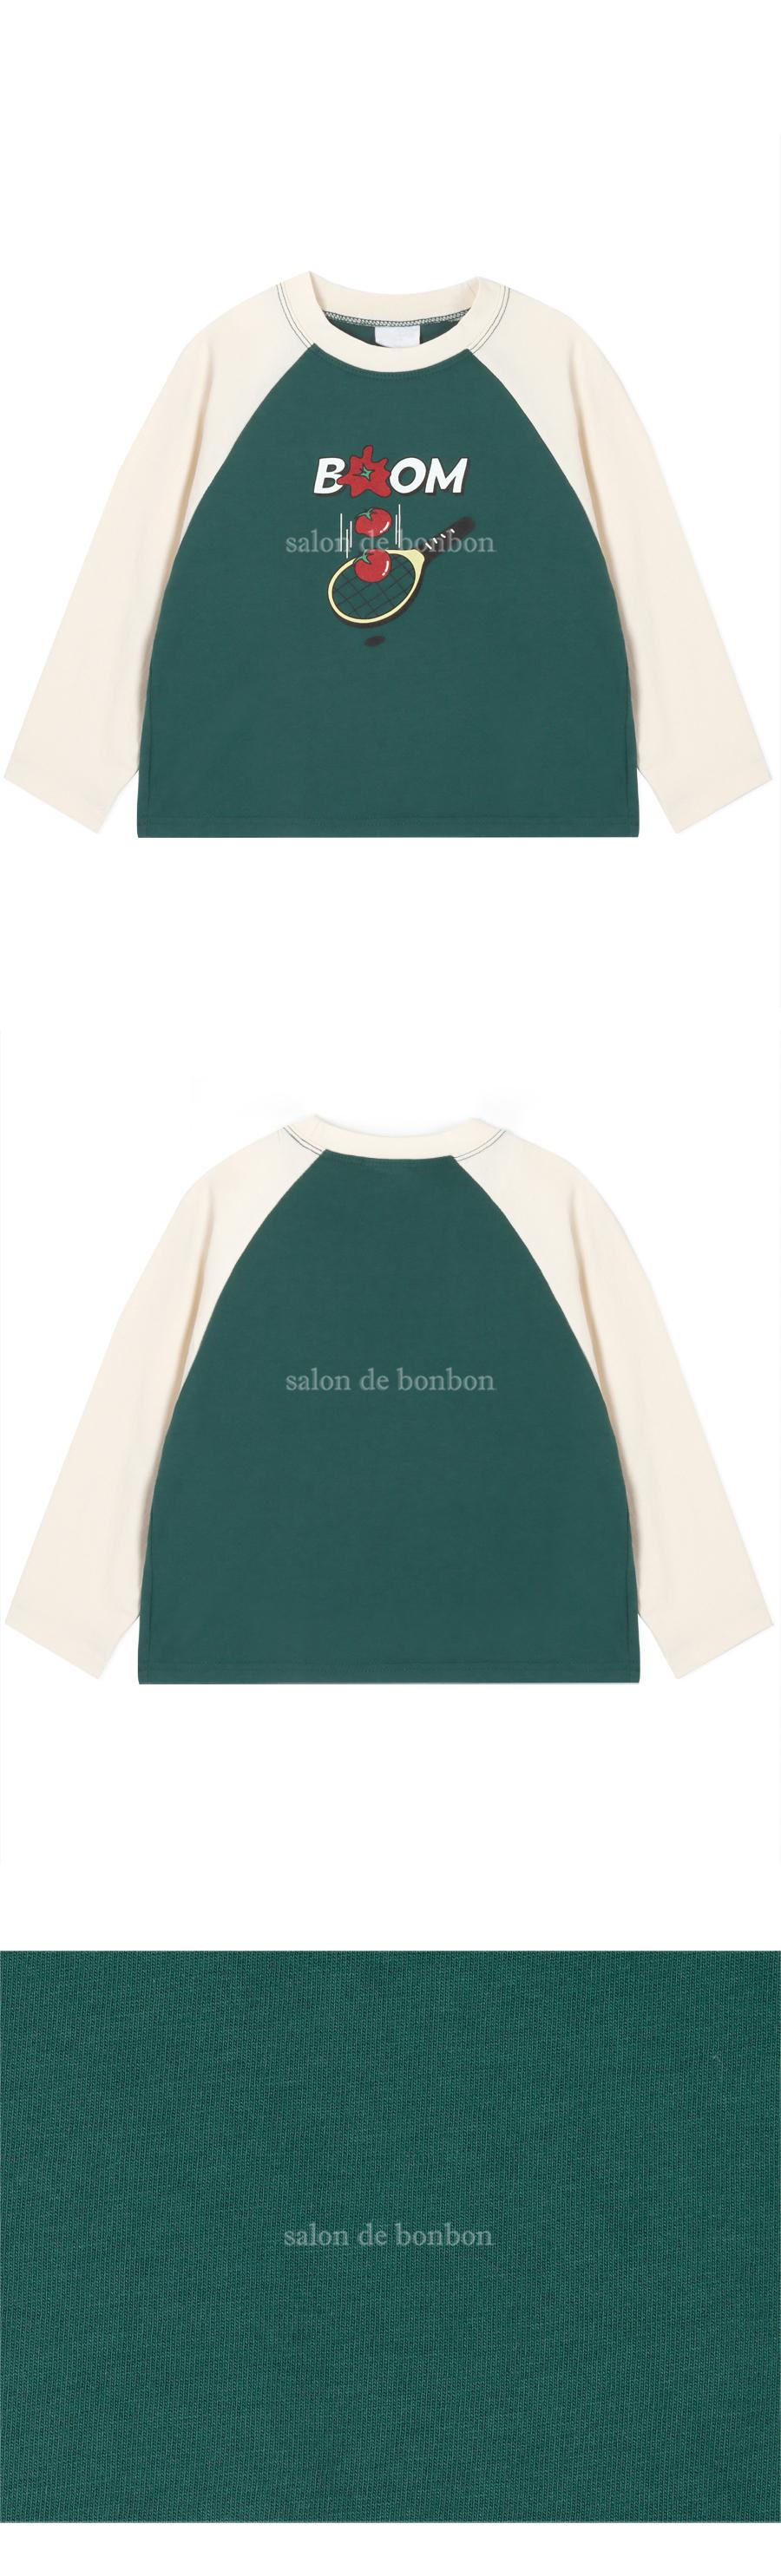 긴팔 티셔츠 상품상세 이미지-S1L17